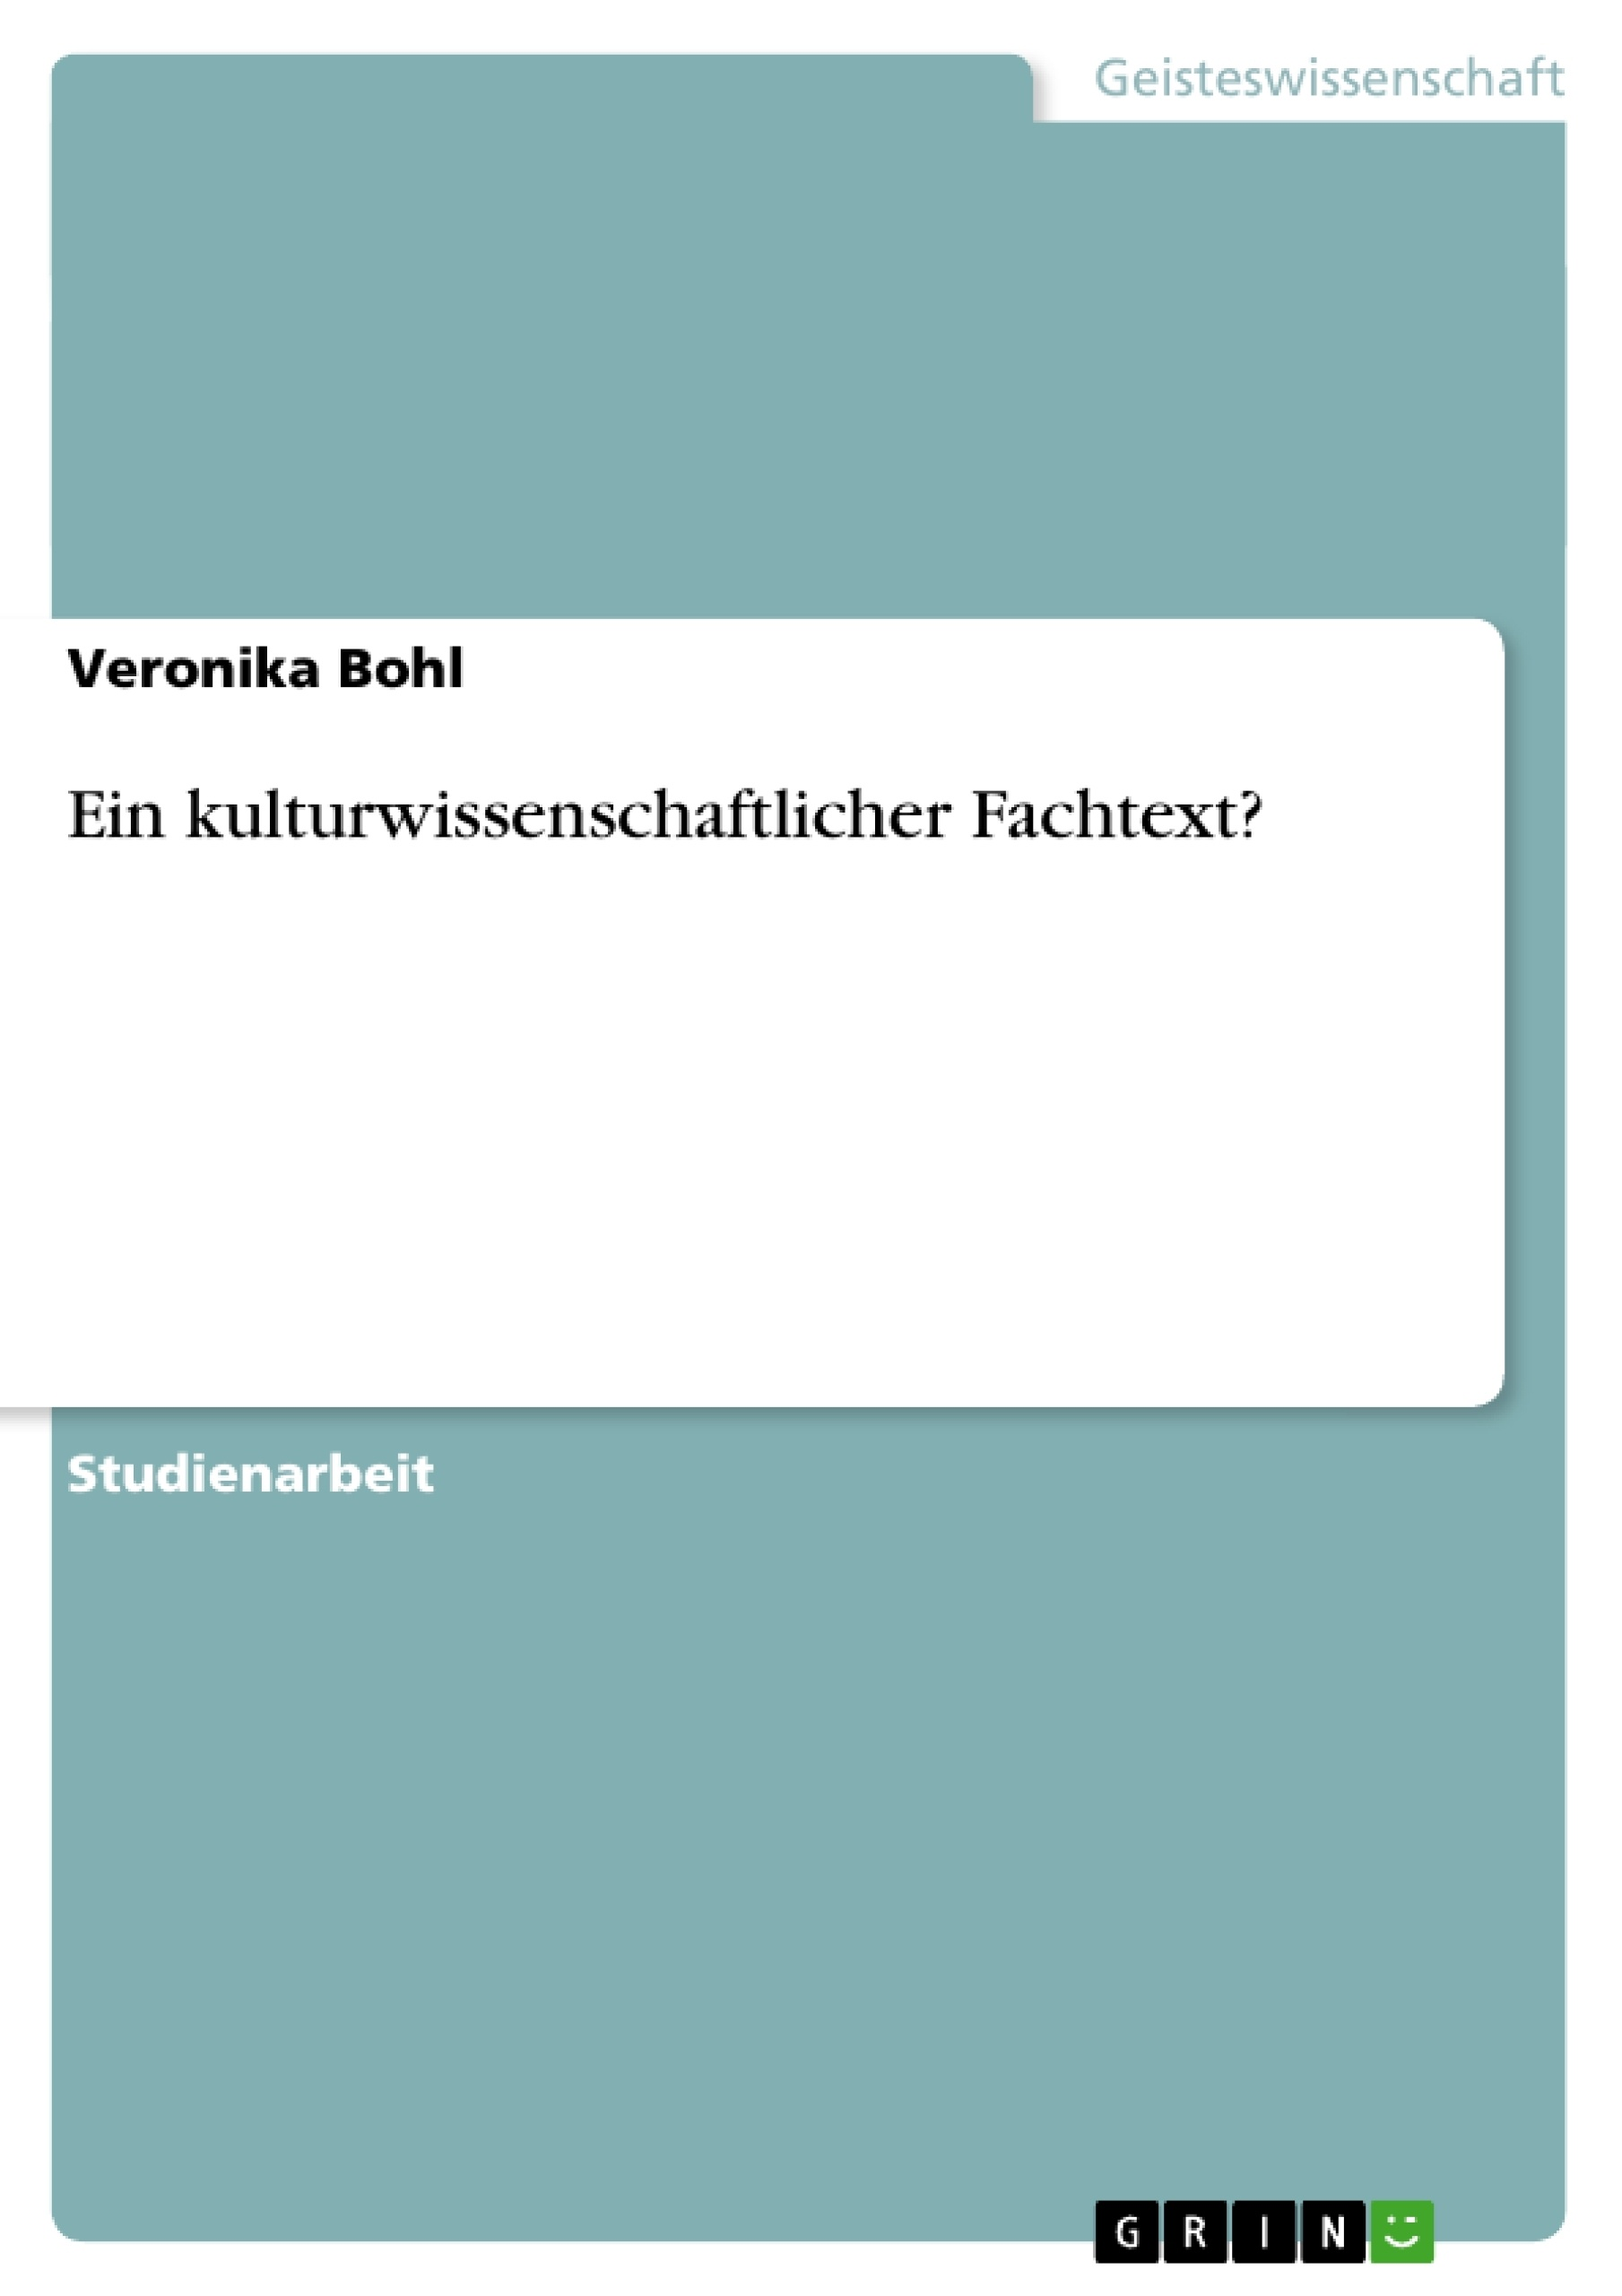 Titel: Ein kulturwissenschaftlicher Fachtext?